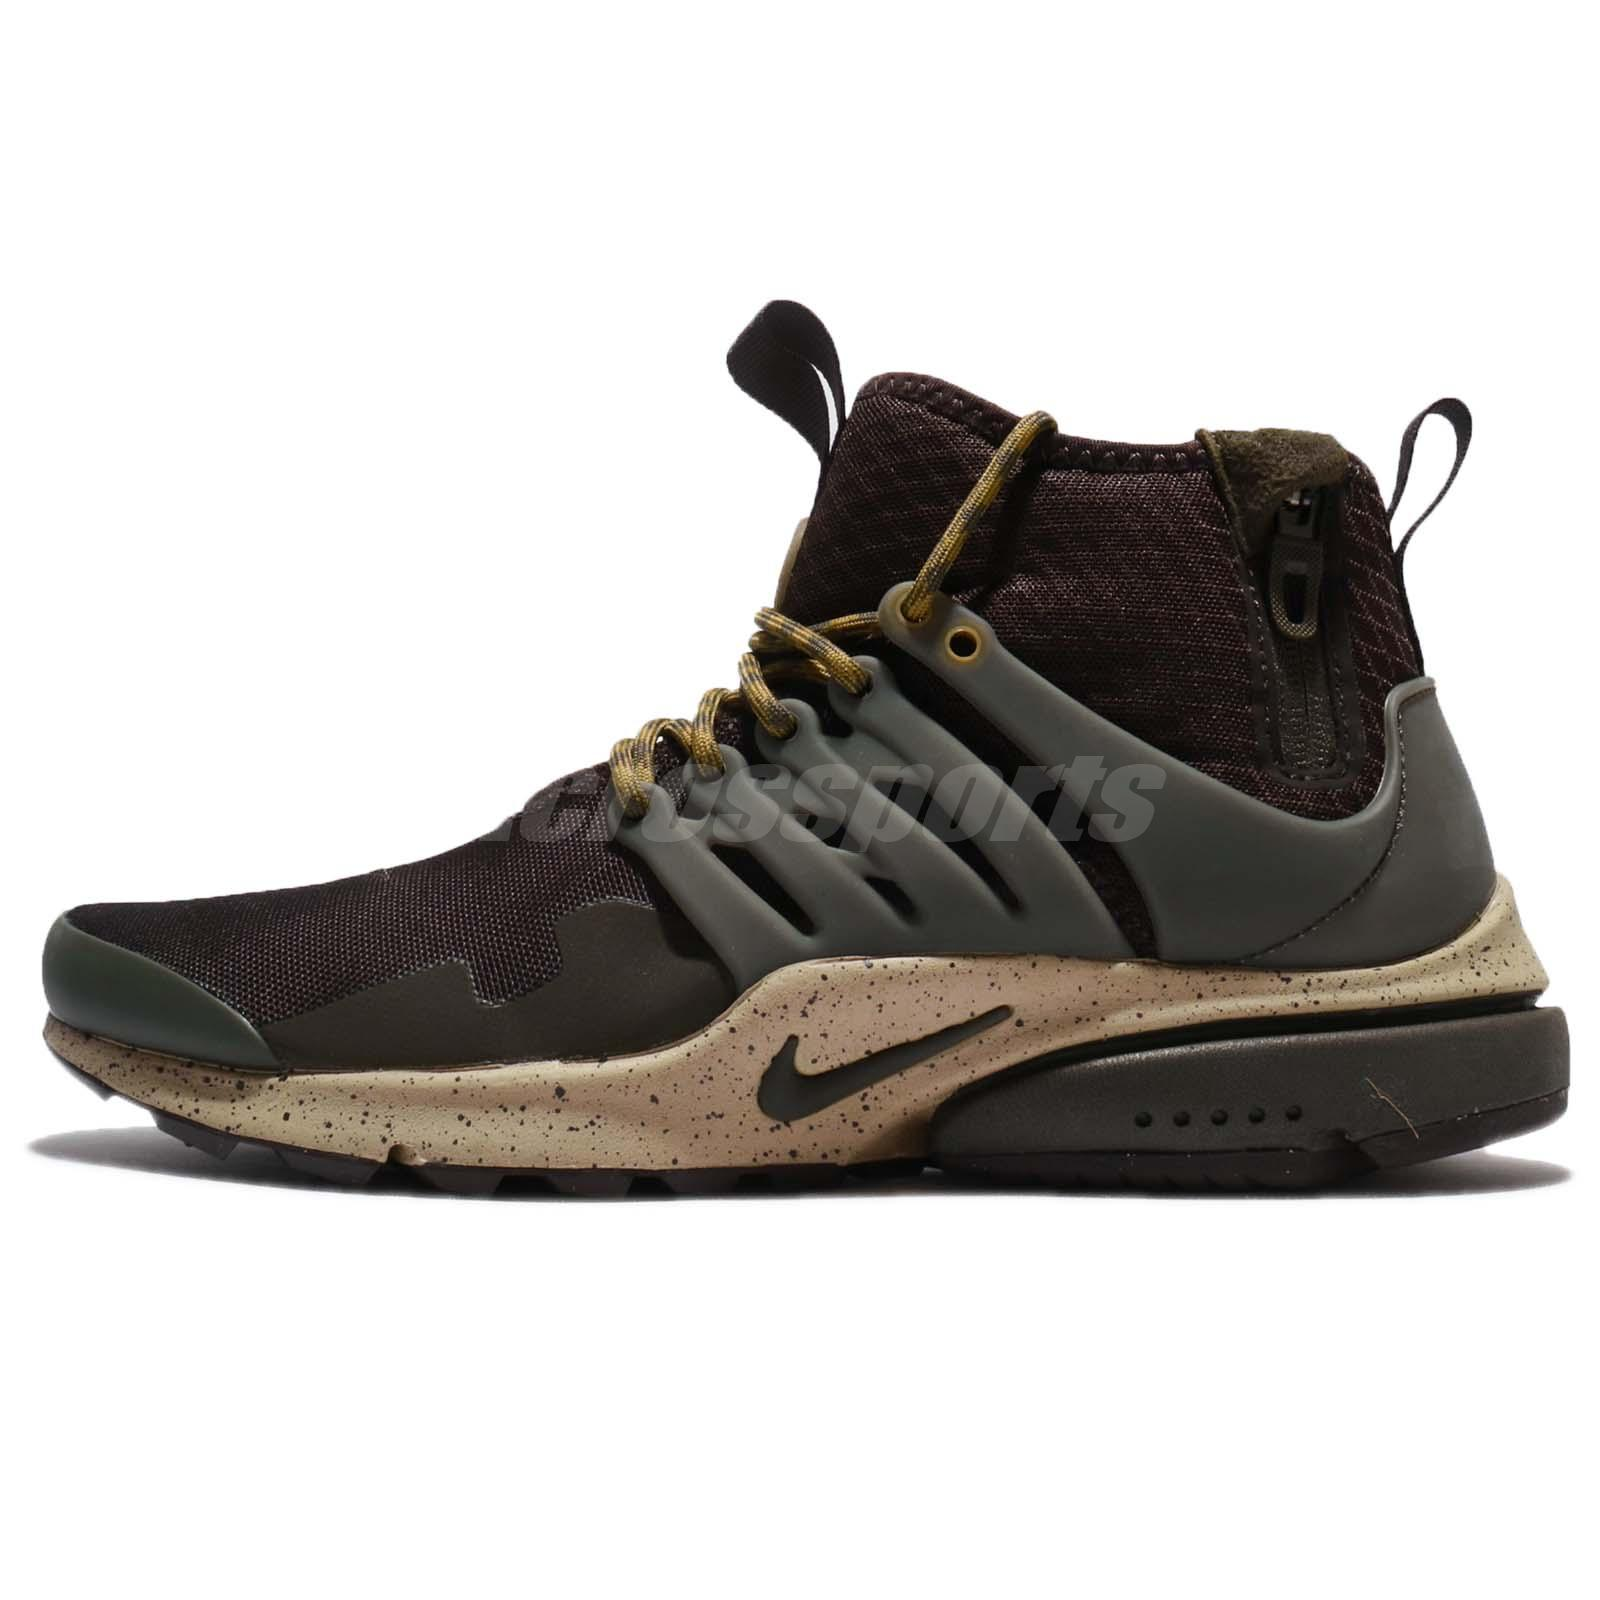 acf9d91d645d ... promo code for nike air presto mid utility velvet brown cargo khaki men  shoe sneaker 859524